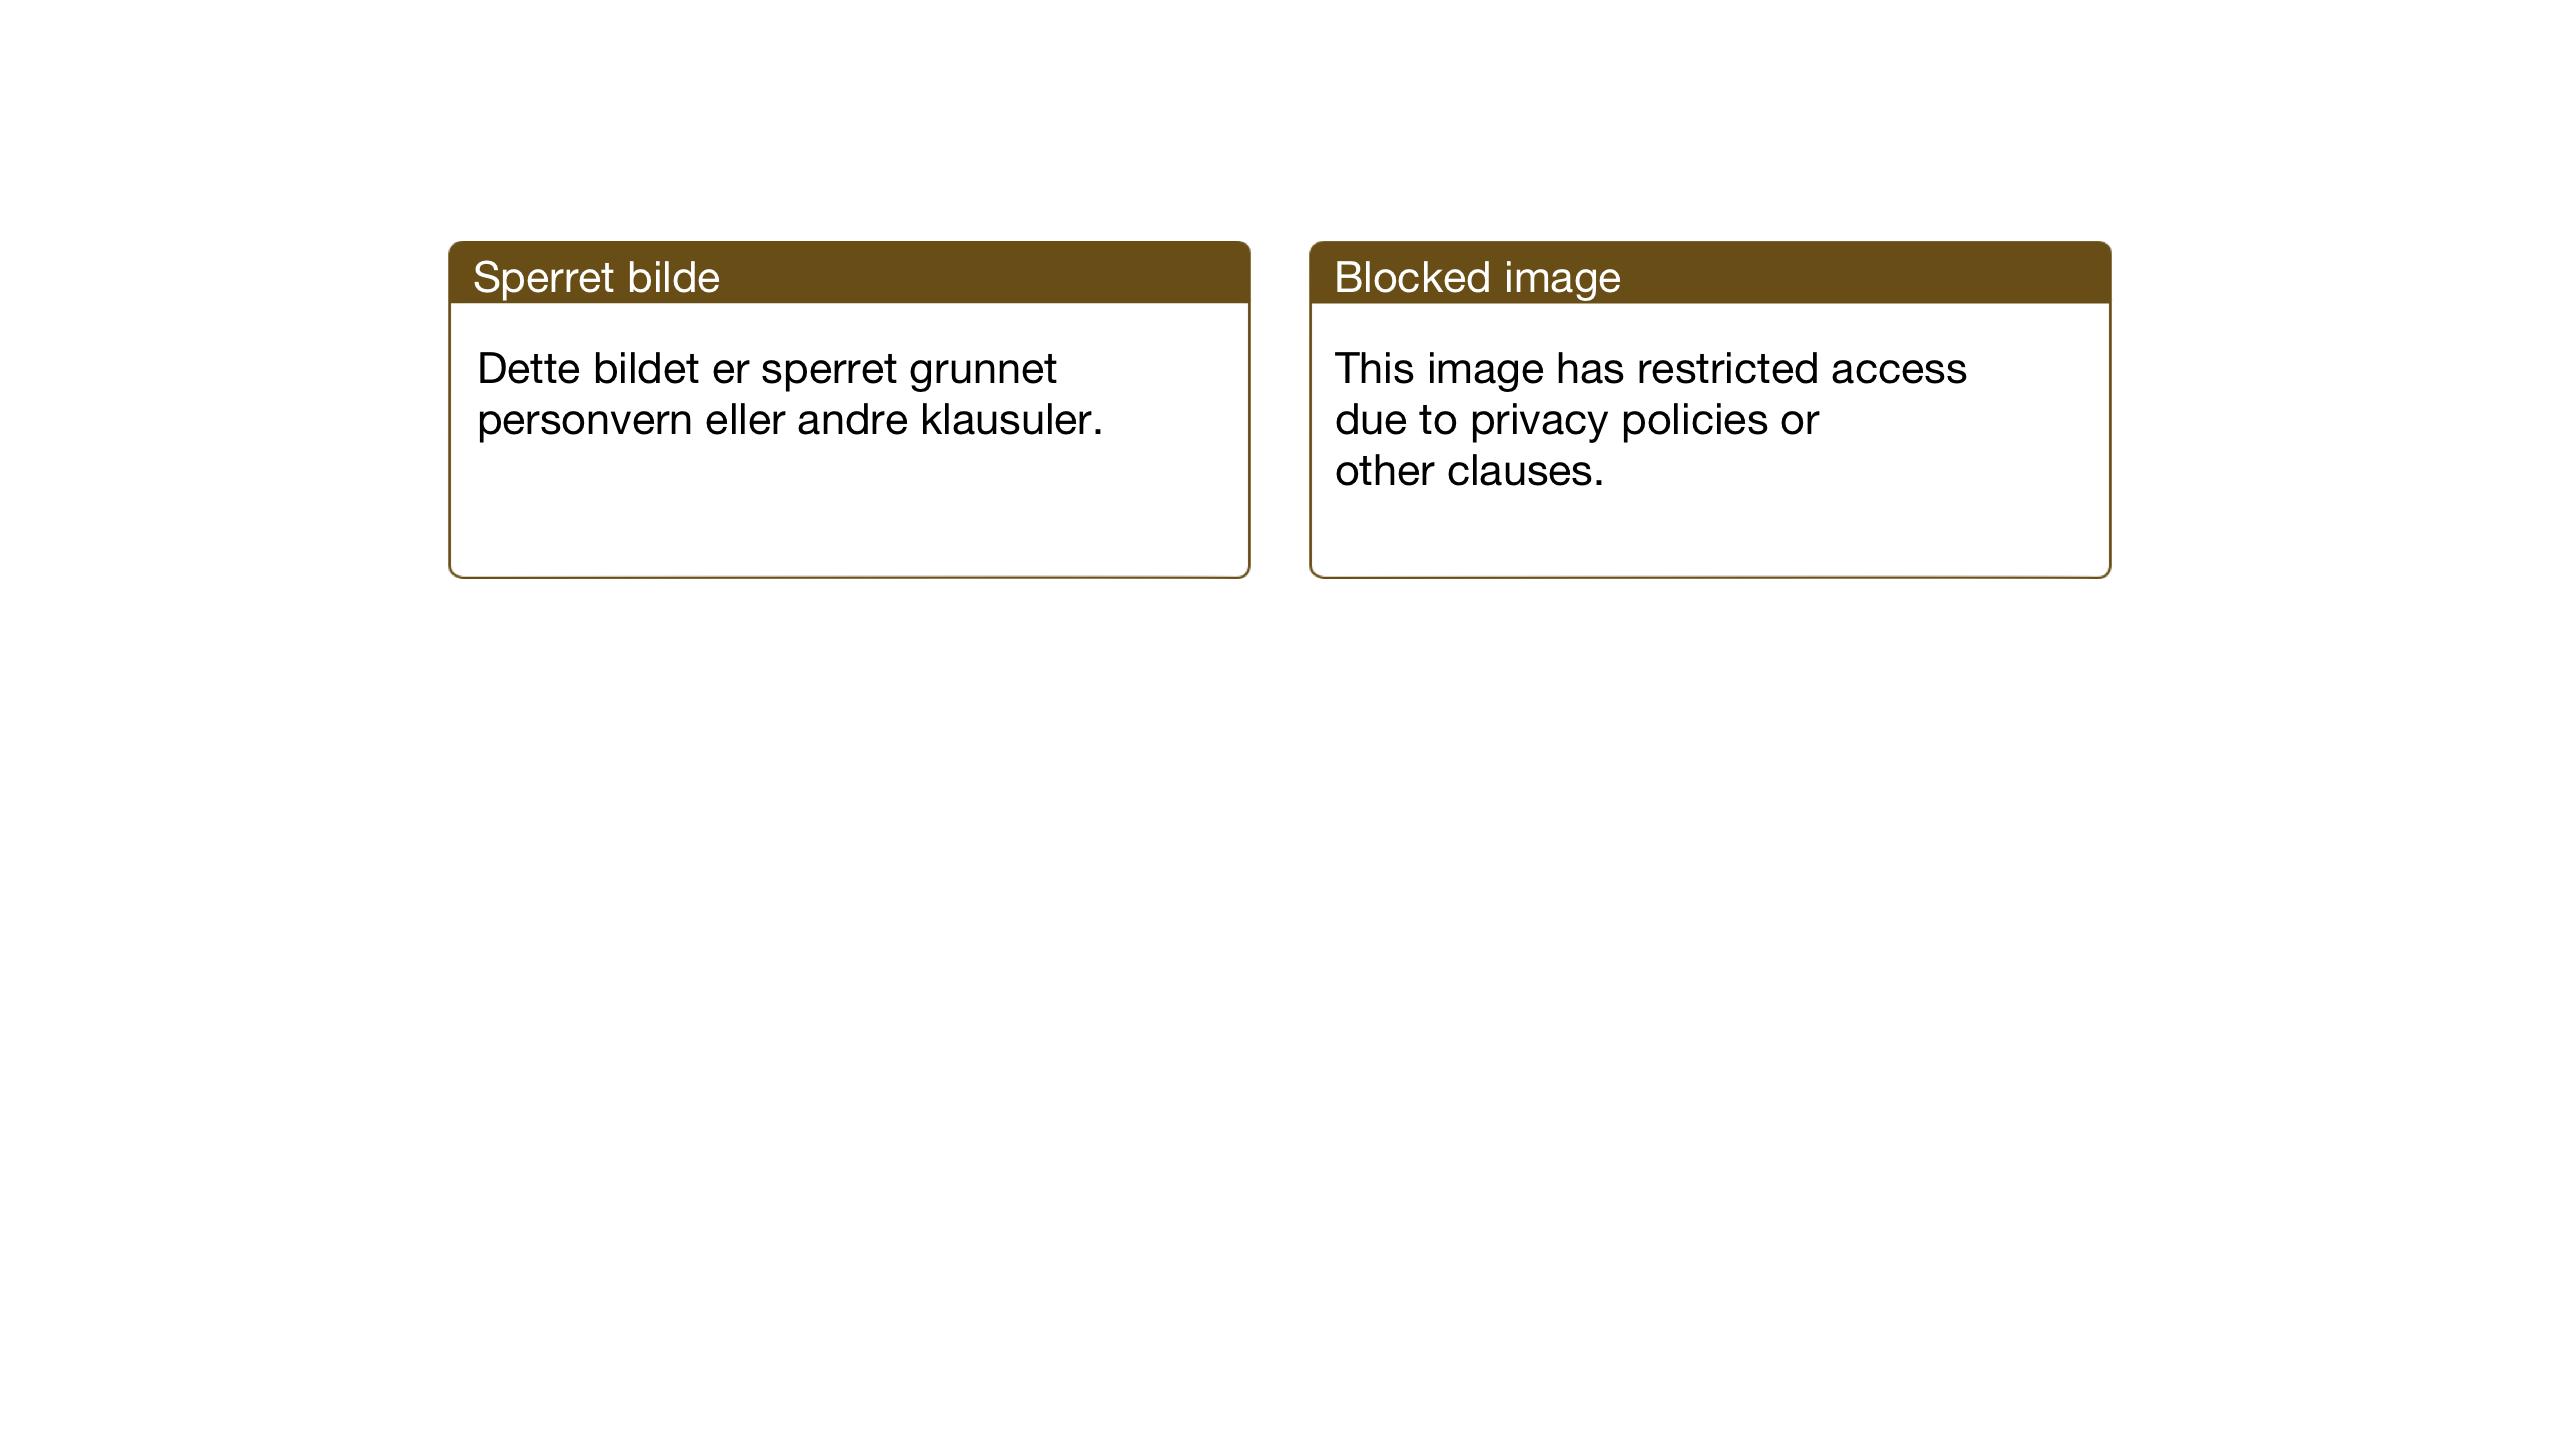 SAT, Ministerialprotokoller, klokkerbøker og fødselsregistre - Sør-Trøndelag, 682/L0947: Klokkerbok nr. 682C01, 1926-1968, s. 152